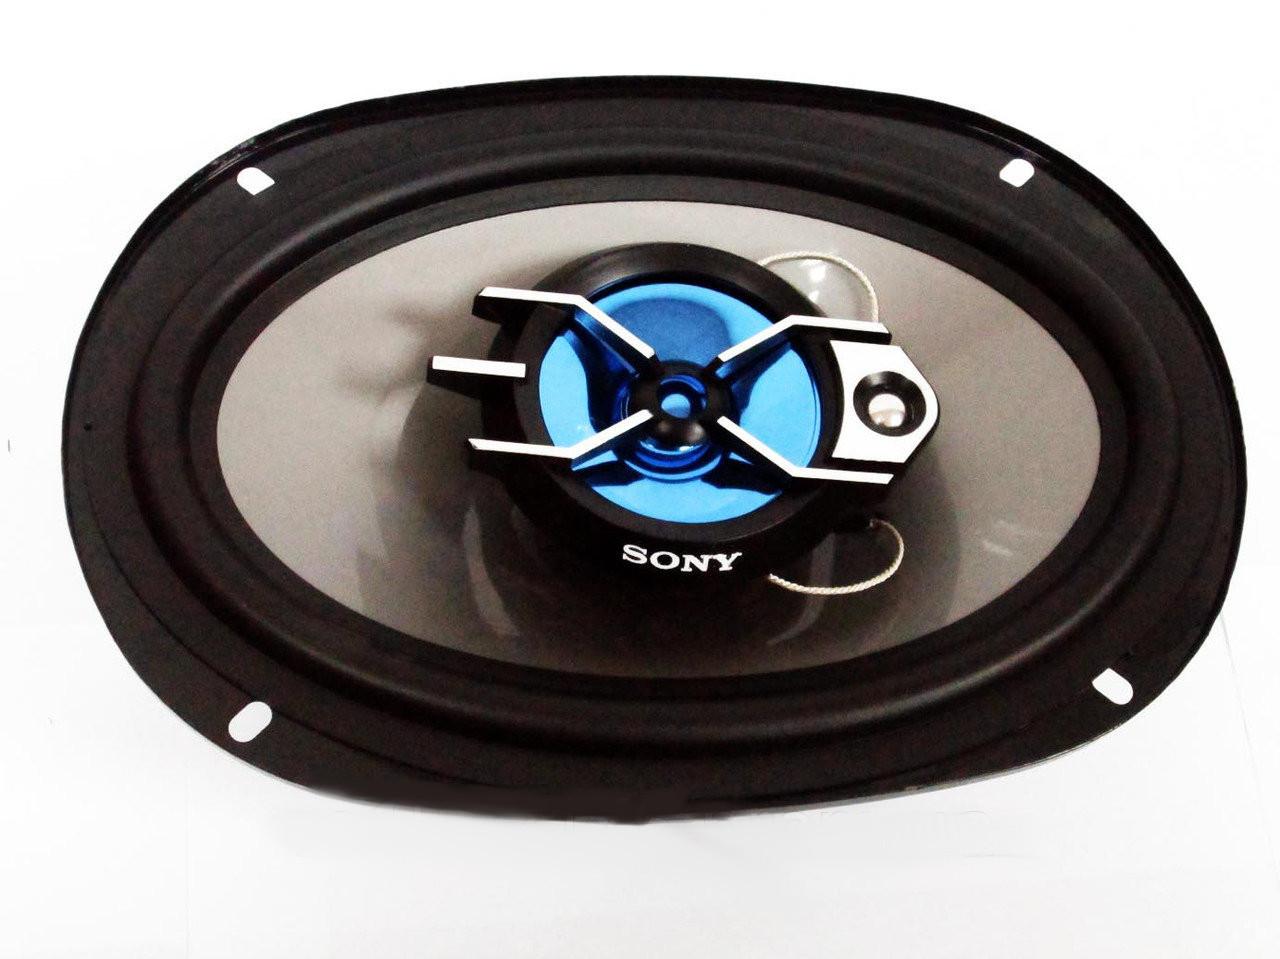 Автомобильная акустика, колонки Sony XS-GTF6925B (600W) 2х полосные, Акустика,2х полосные колонки,Sony XS-GTF